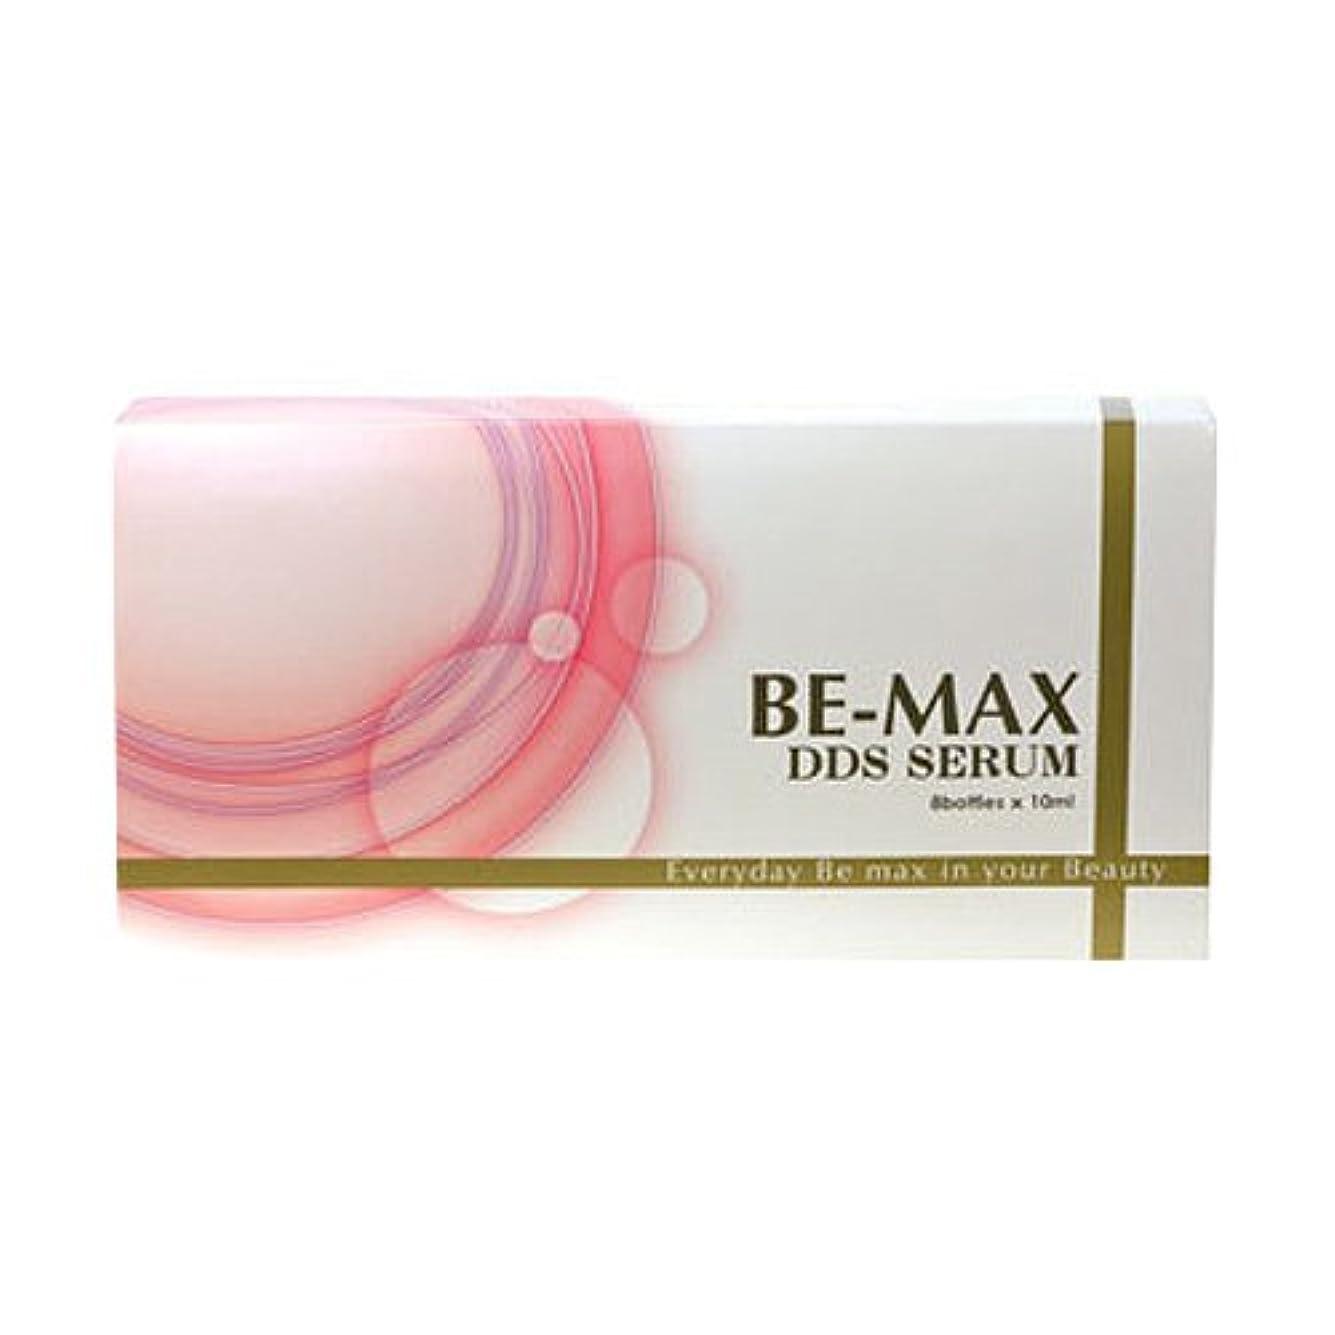 踏み台最大限他にビーマックス DDSセラム (10ml×8本) 美容液 BE-MAX DDS SERUM